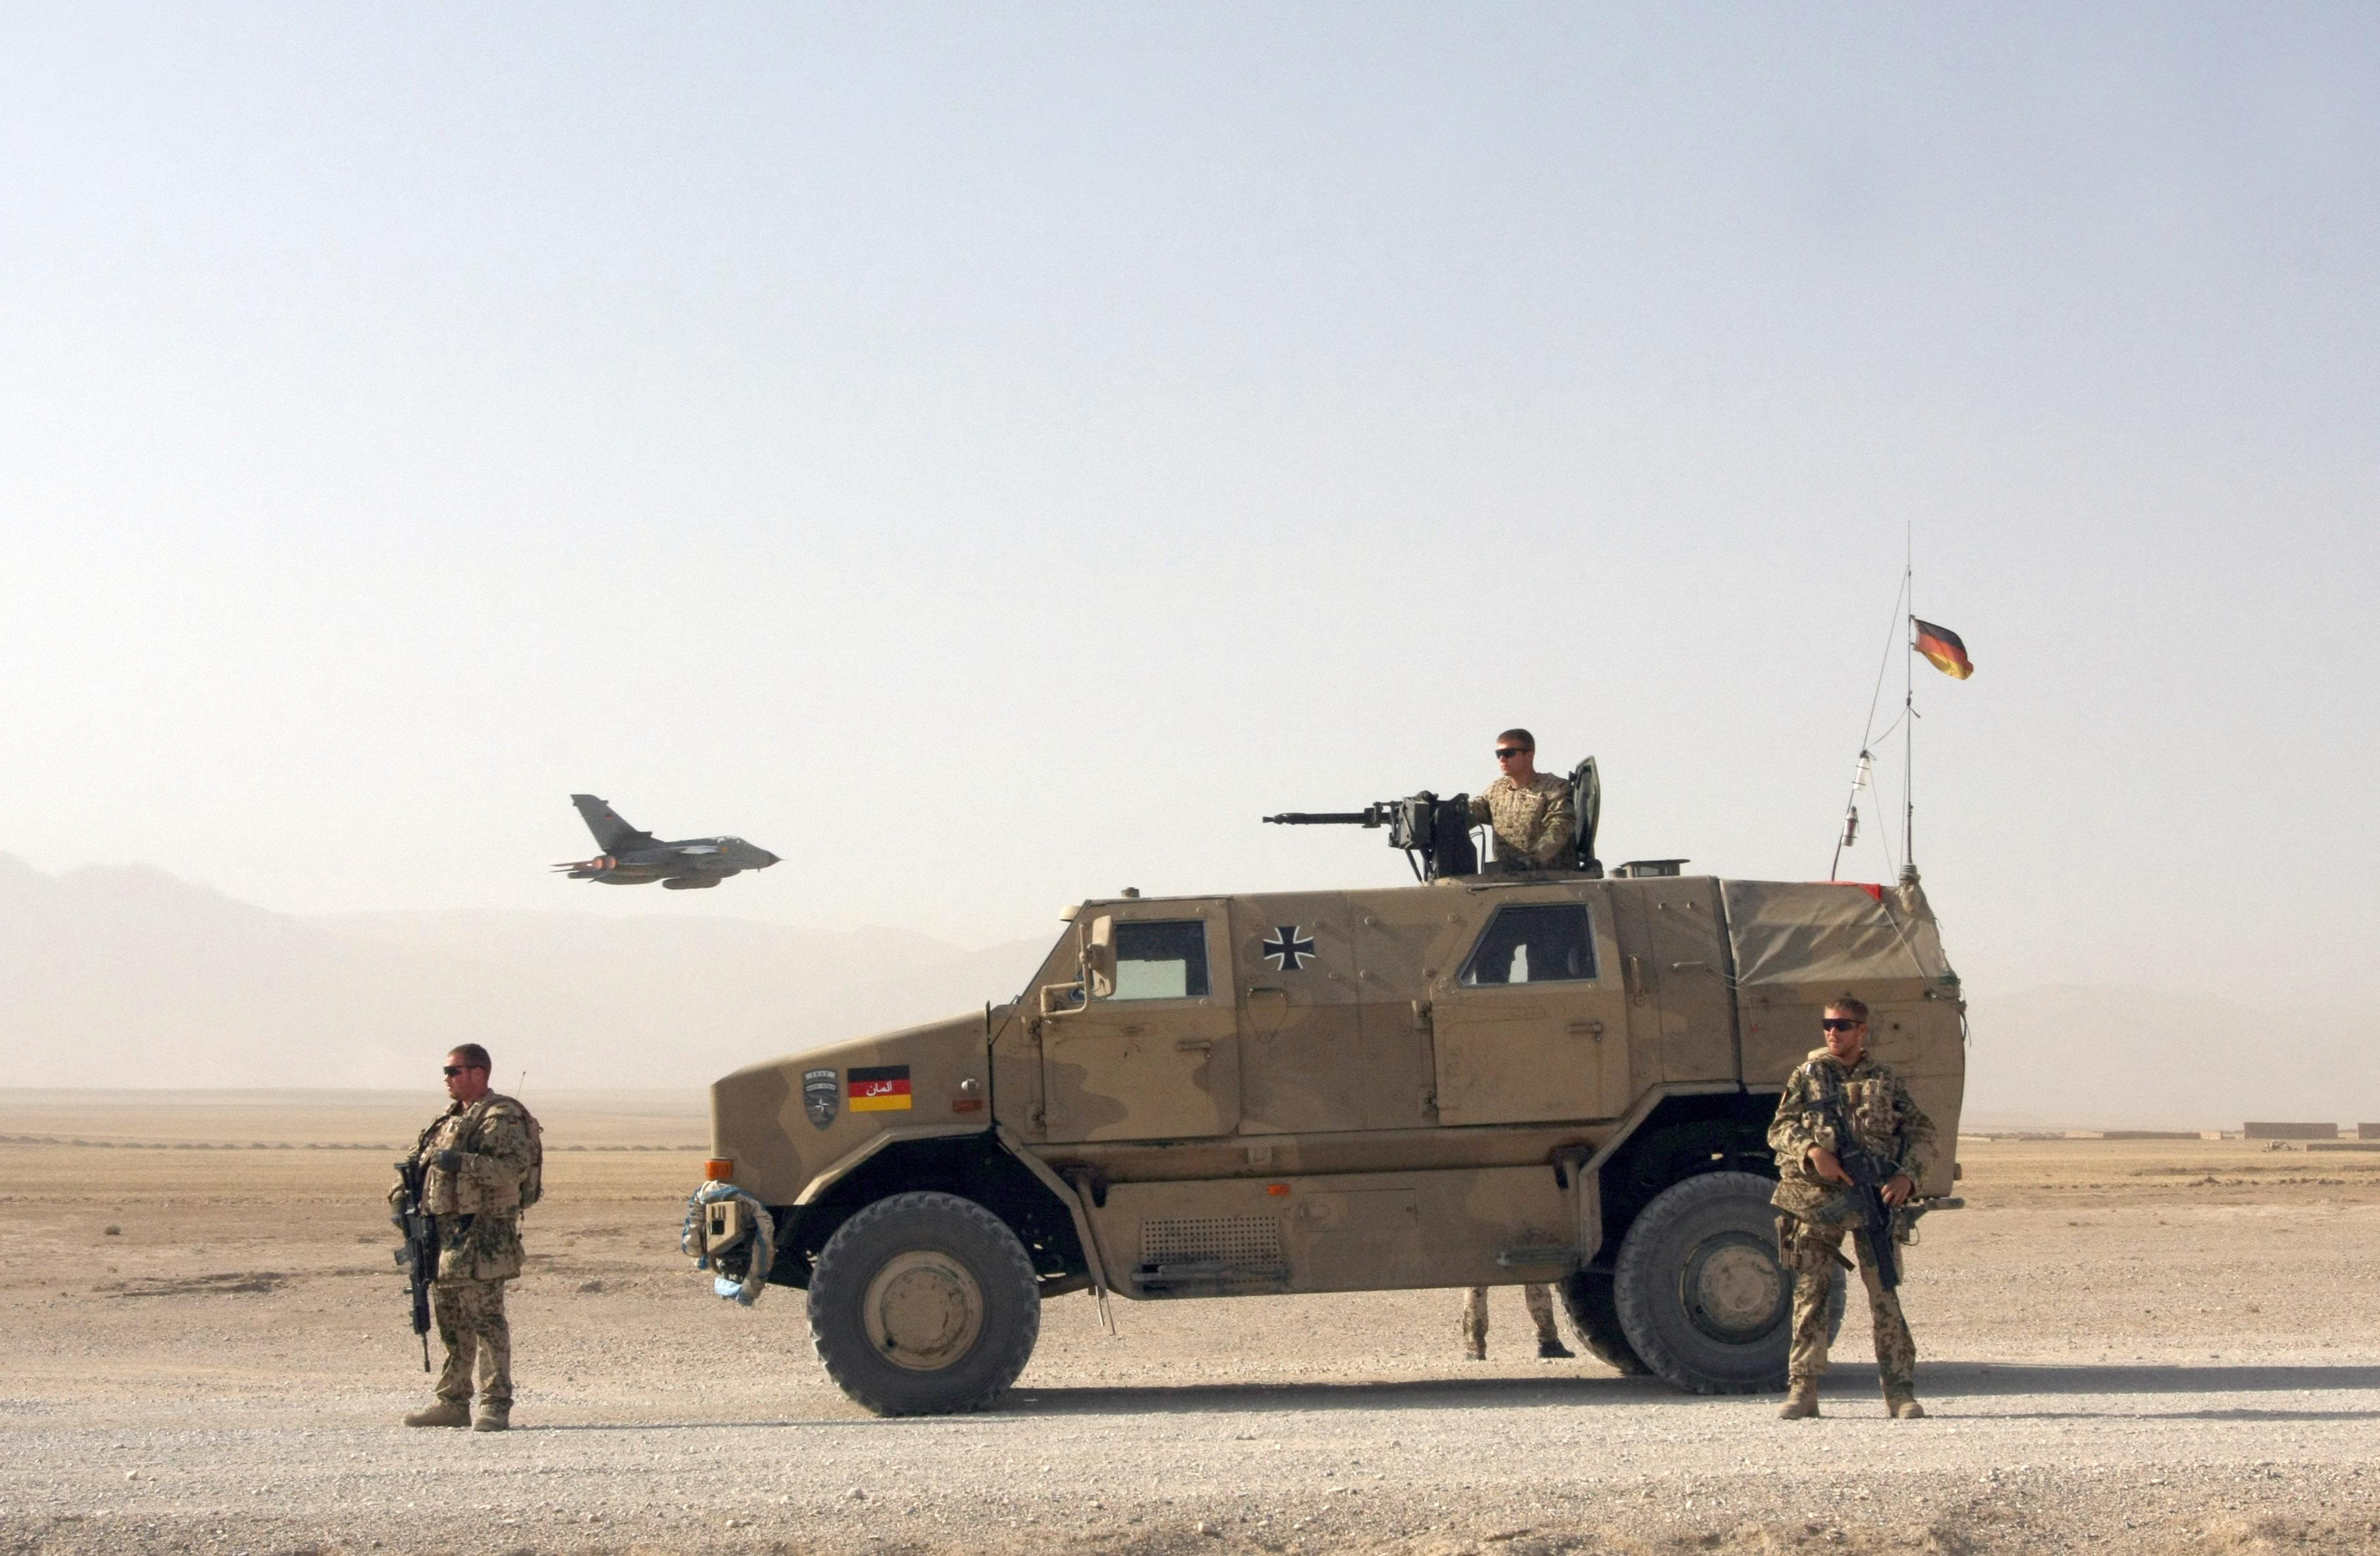 Bildergebnis für Wikimedia Commons Bilder Deutsche Bundeswehr